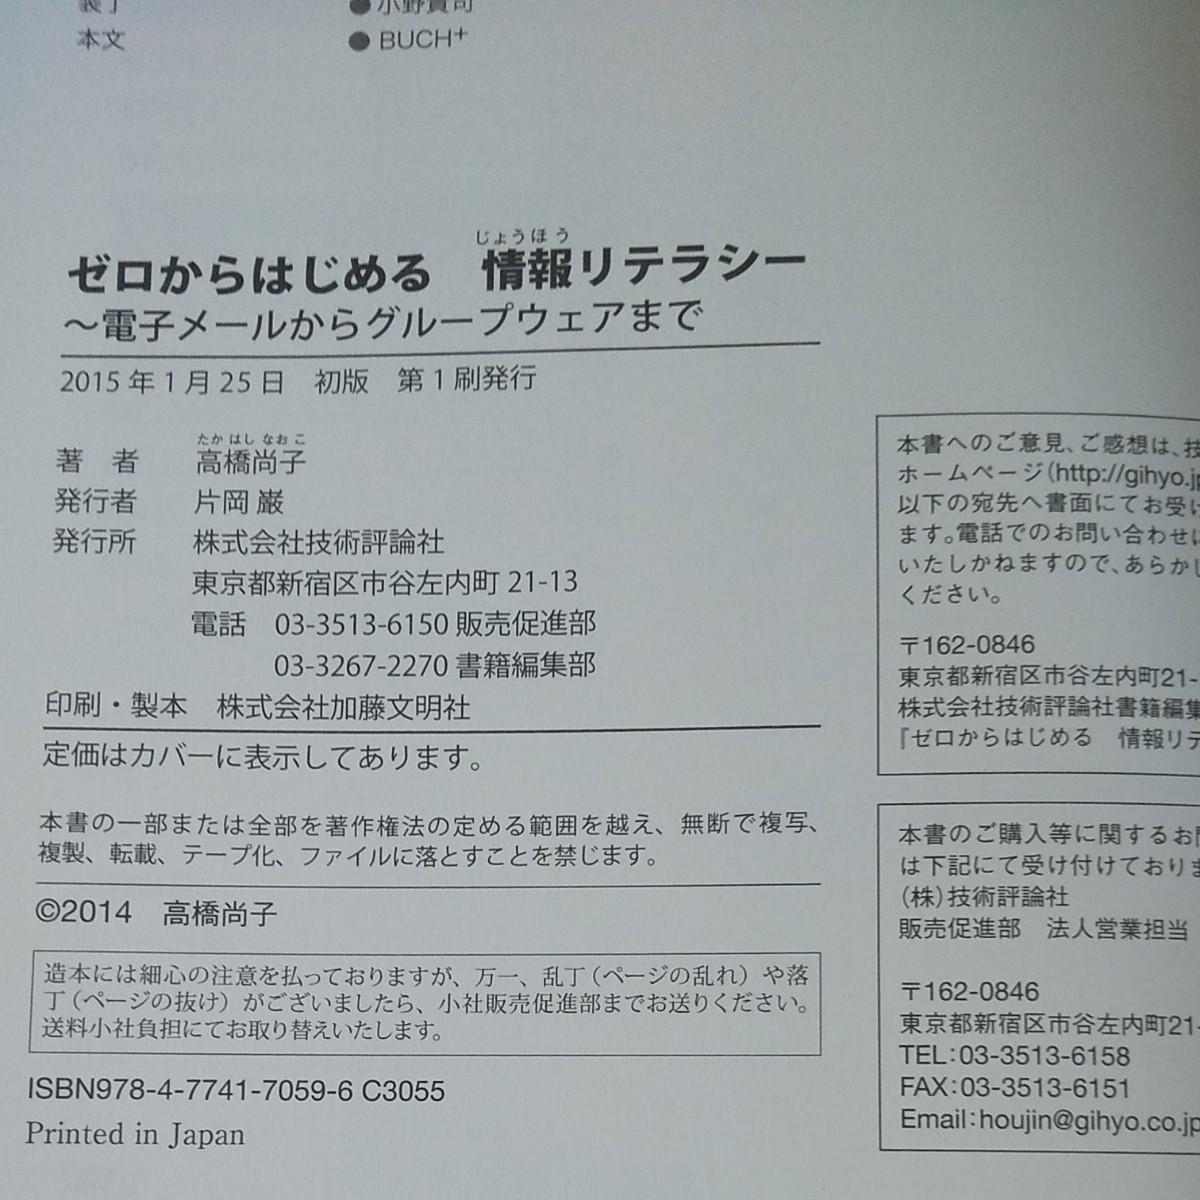 ゼロからはじめる 情報 リテラシー 電子メール グループウェア 高橋尚子 技術評論社